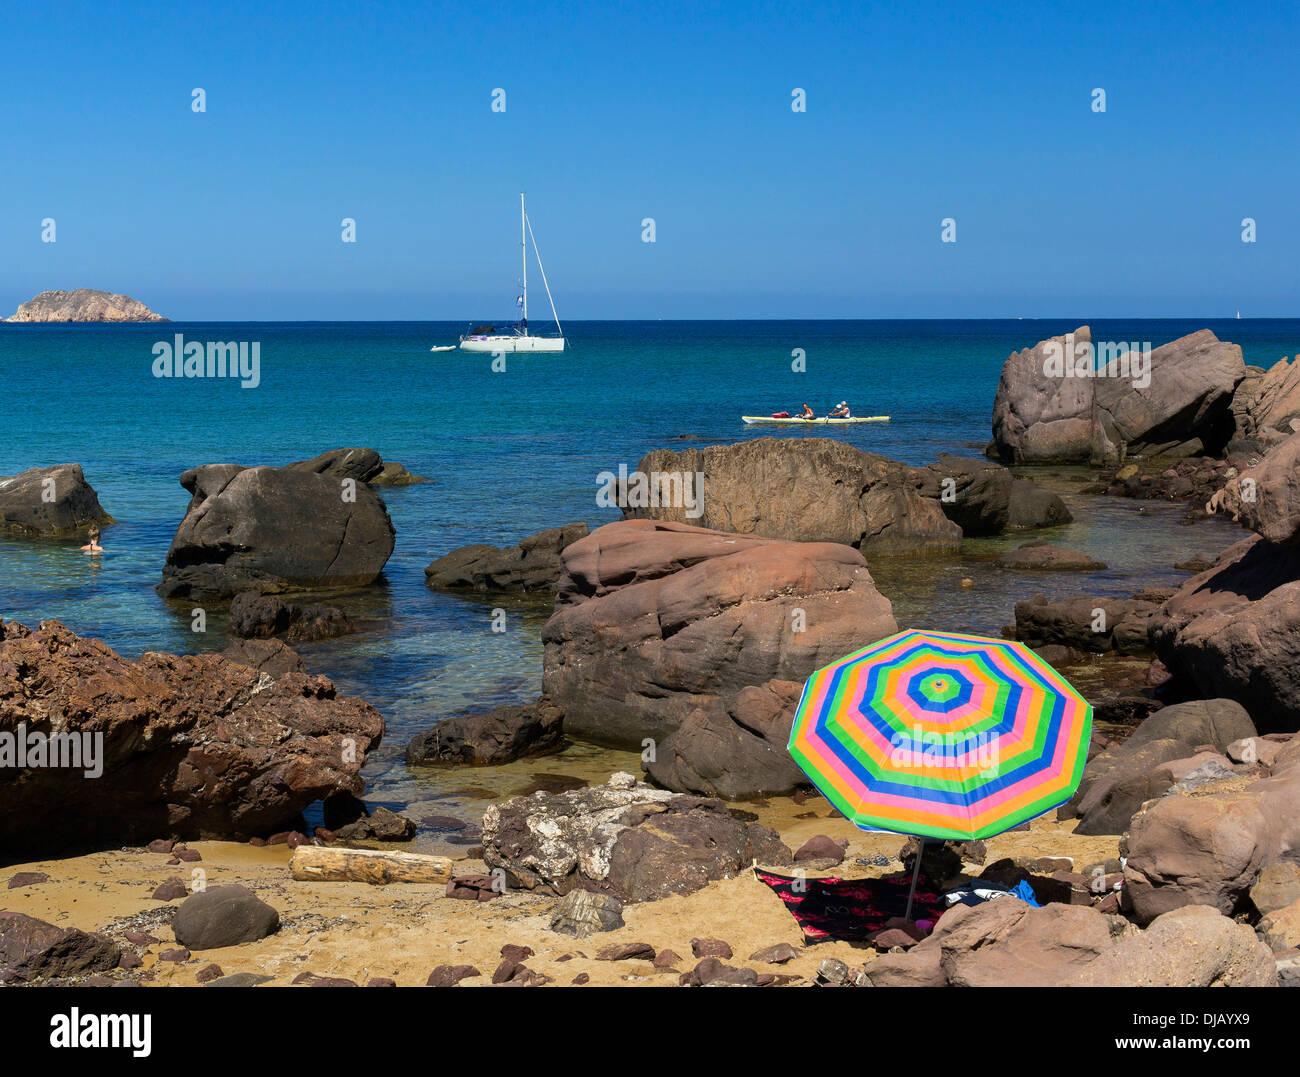 Rocky coast at Platja de Cavalleria Beach, Minorca, Balearic Islands, Spain - Stock Image